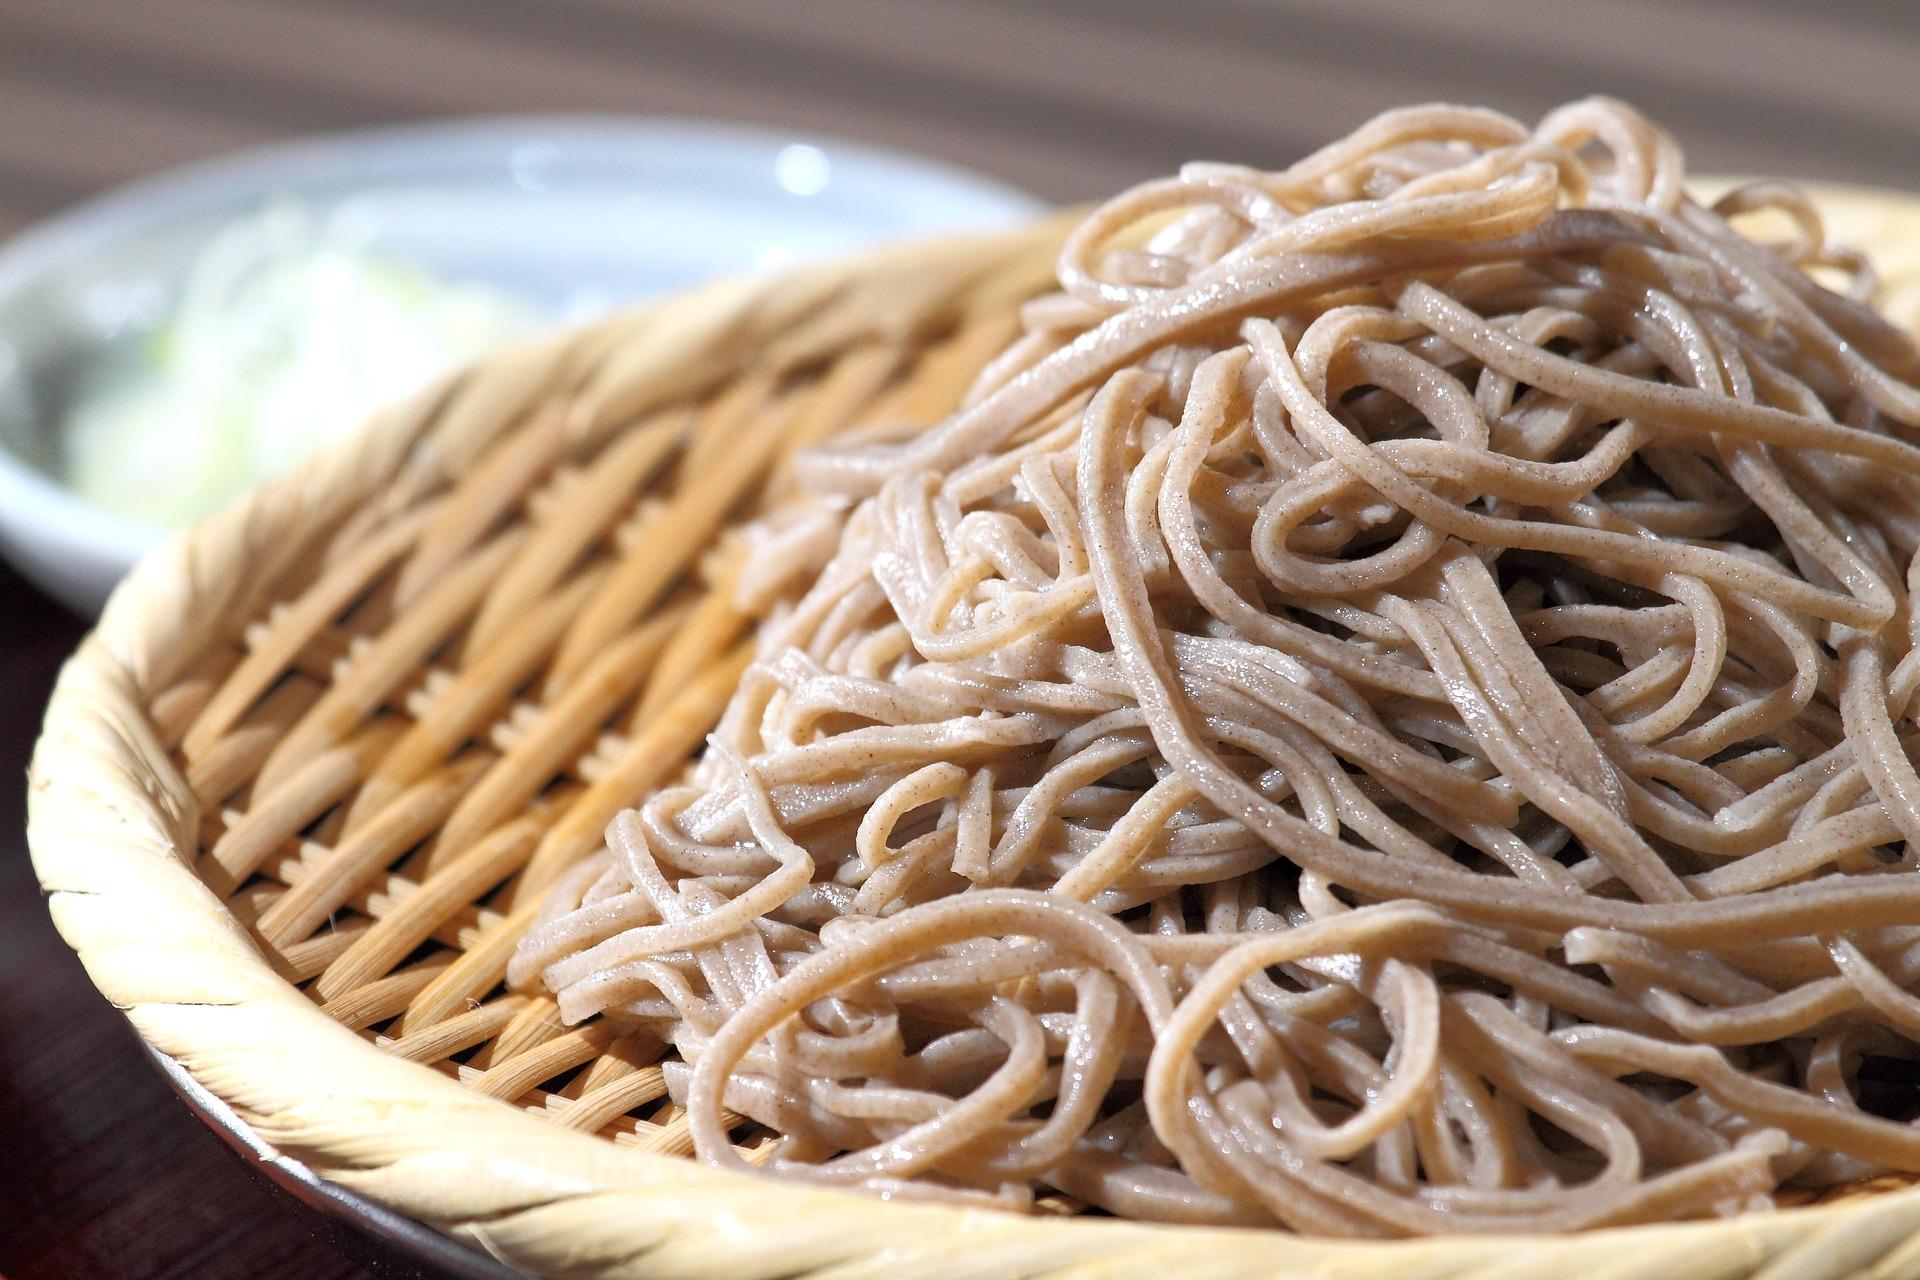 soba-noodles-801660_1920 (1).jpg